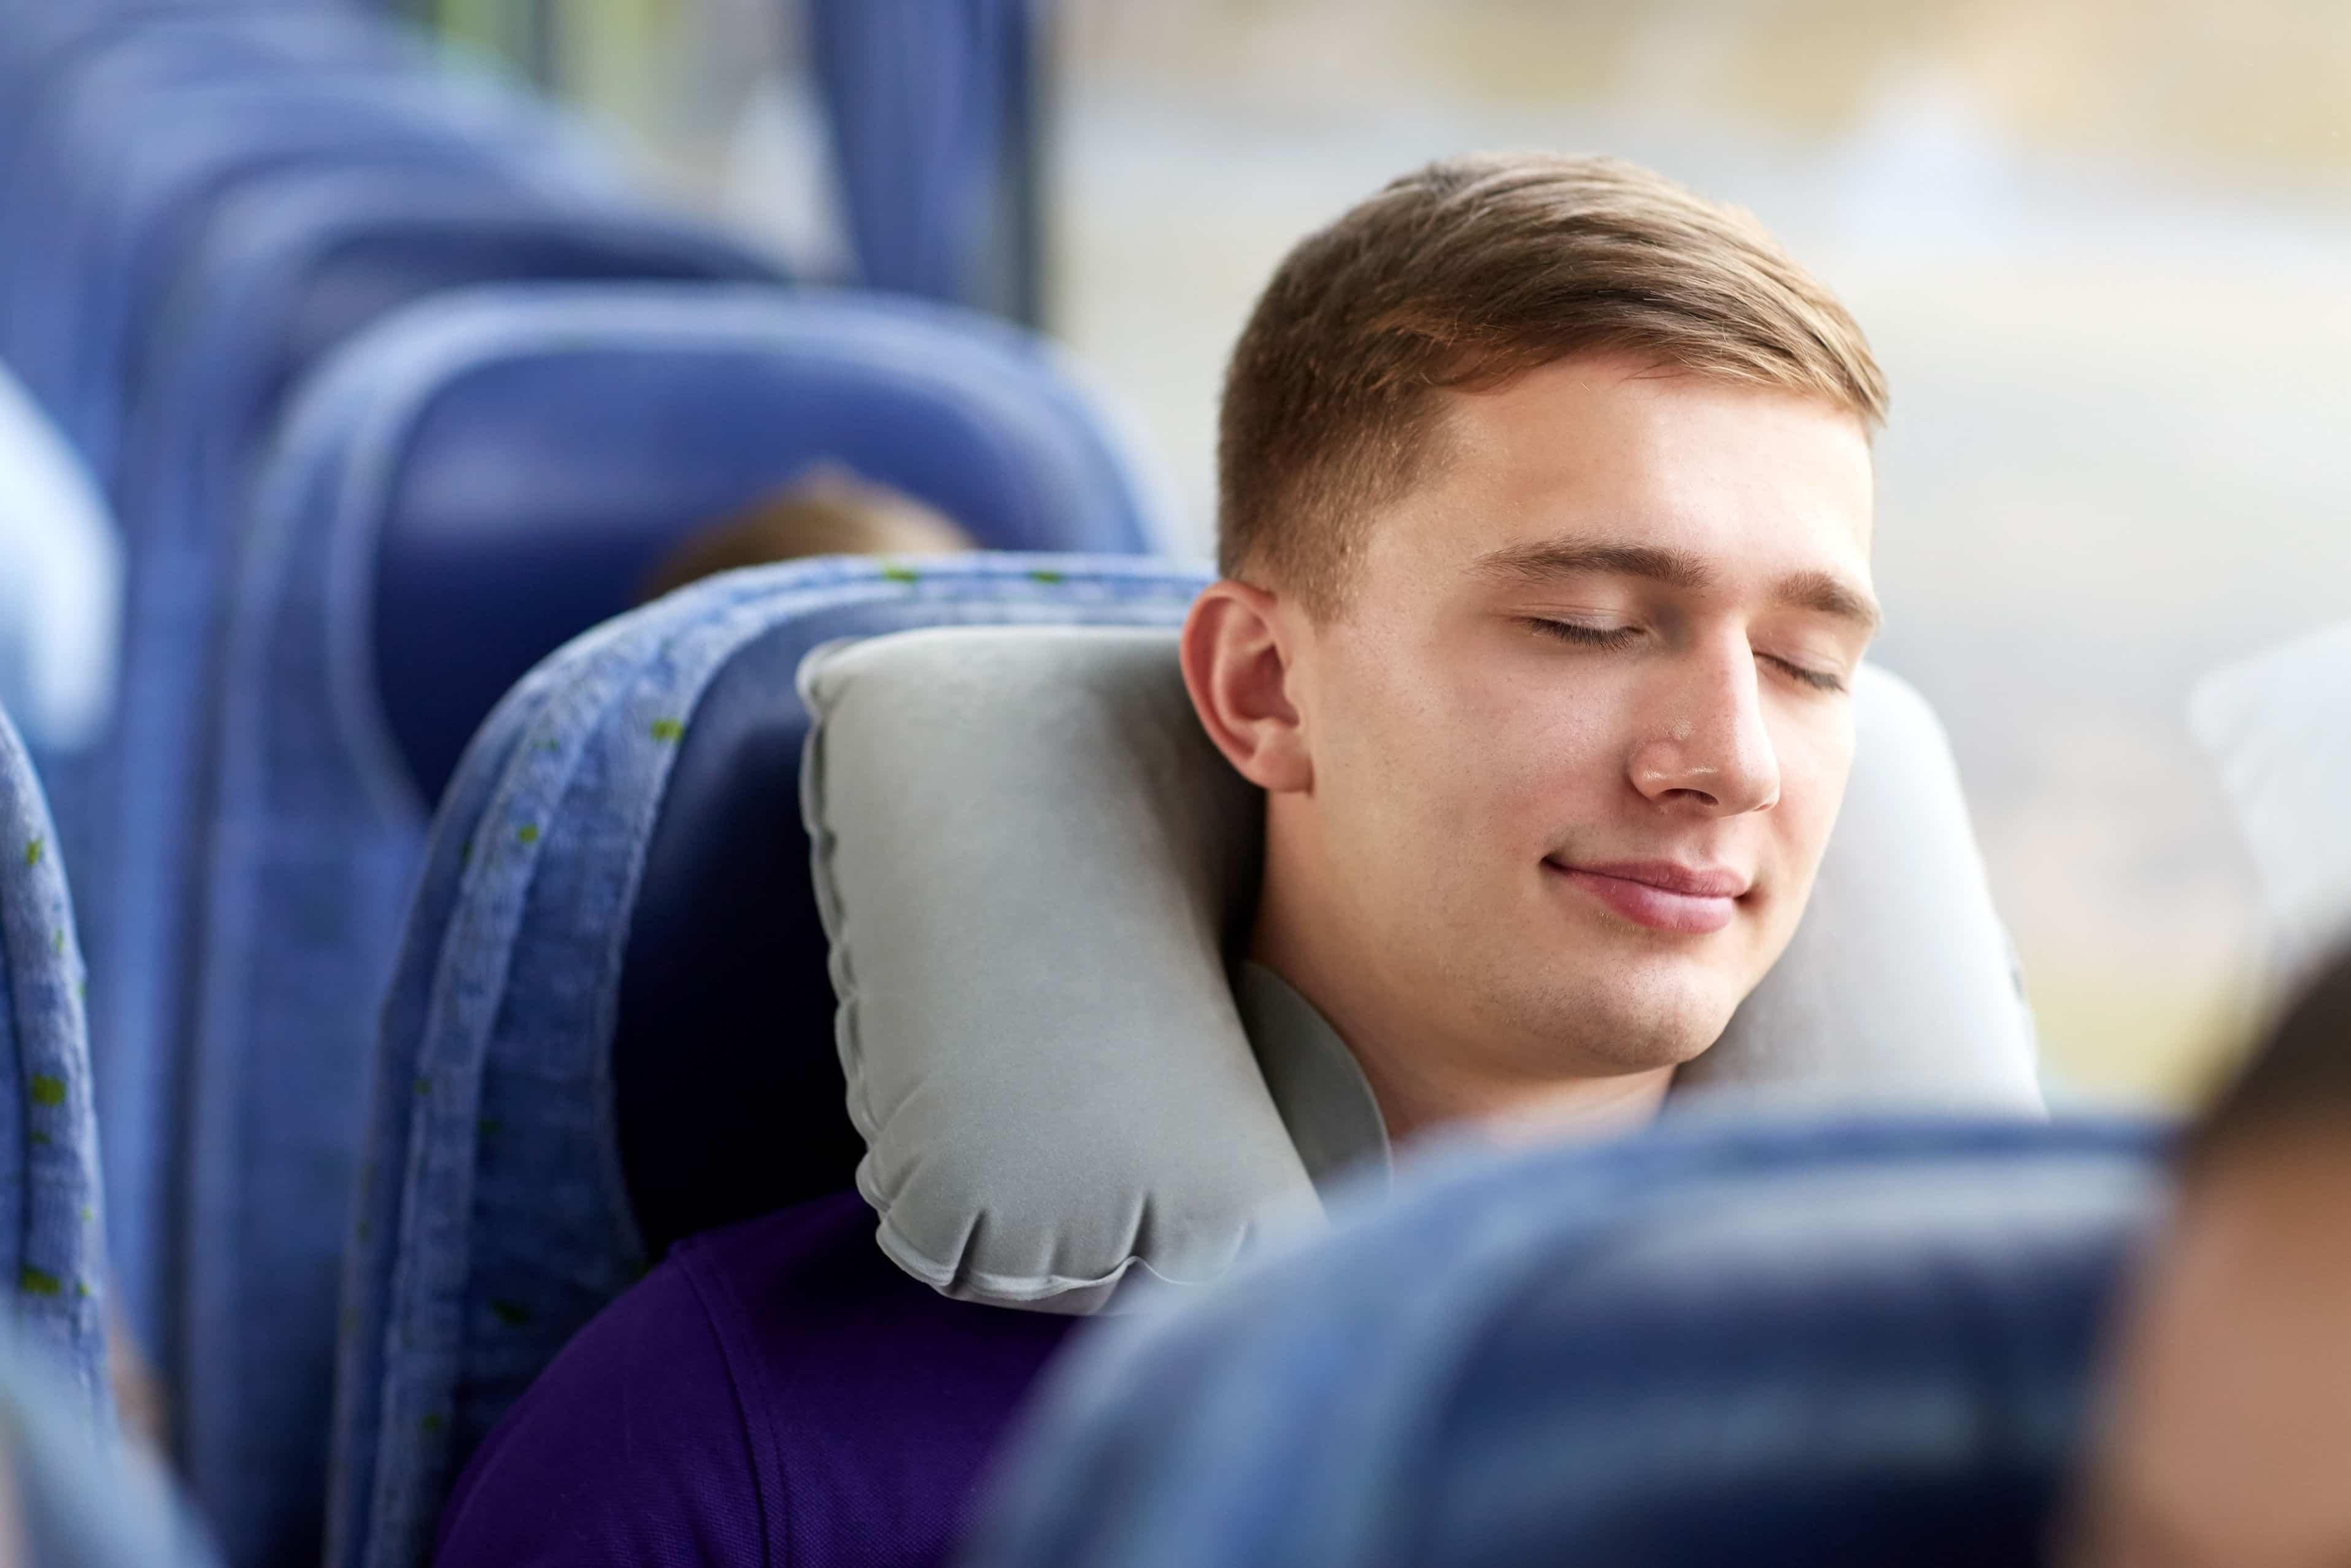 Pasajero, bus, descansando comodo